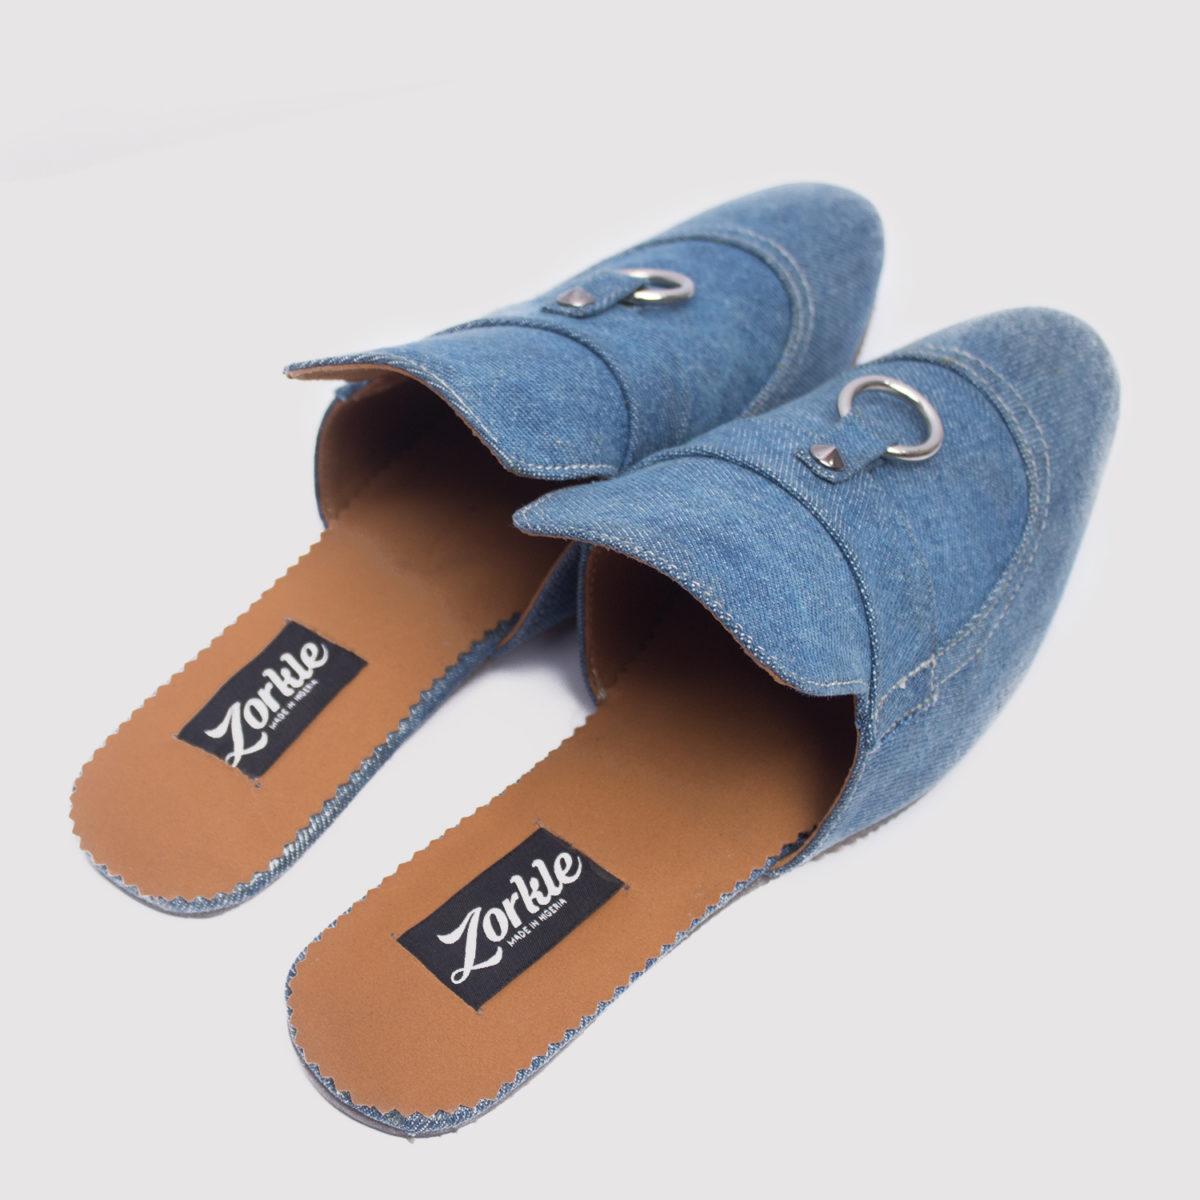 Alte Half Shoes Blue Denim ZMS044 - Zorkle Shoes